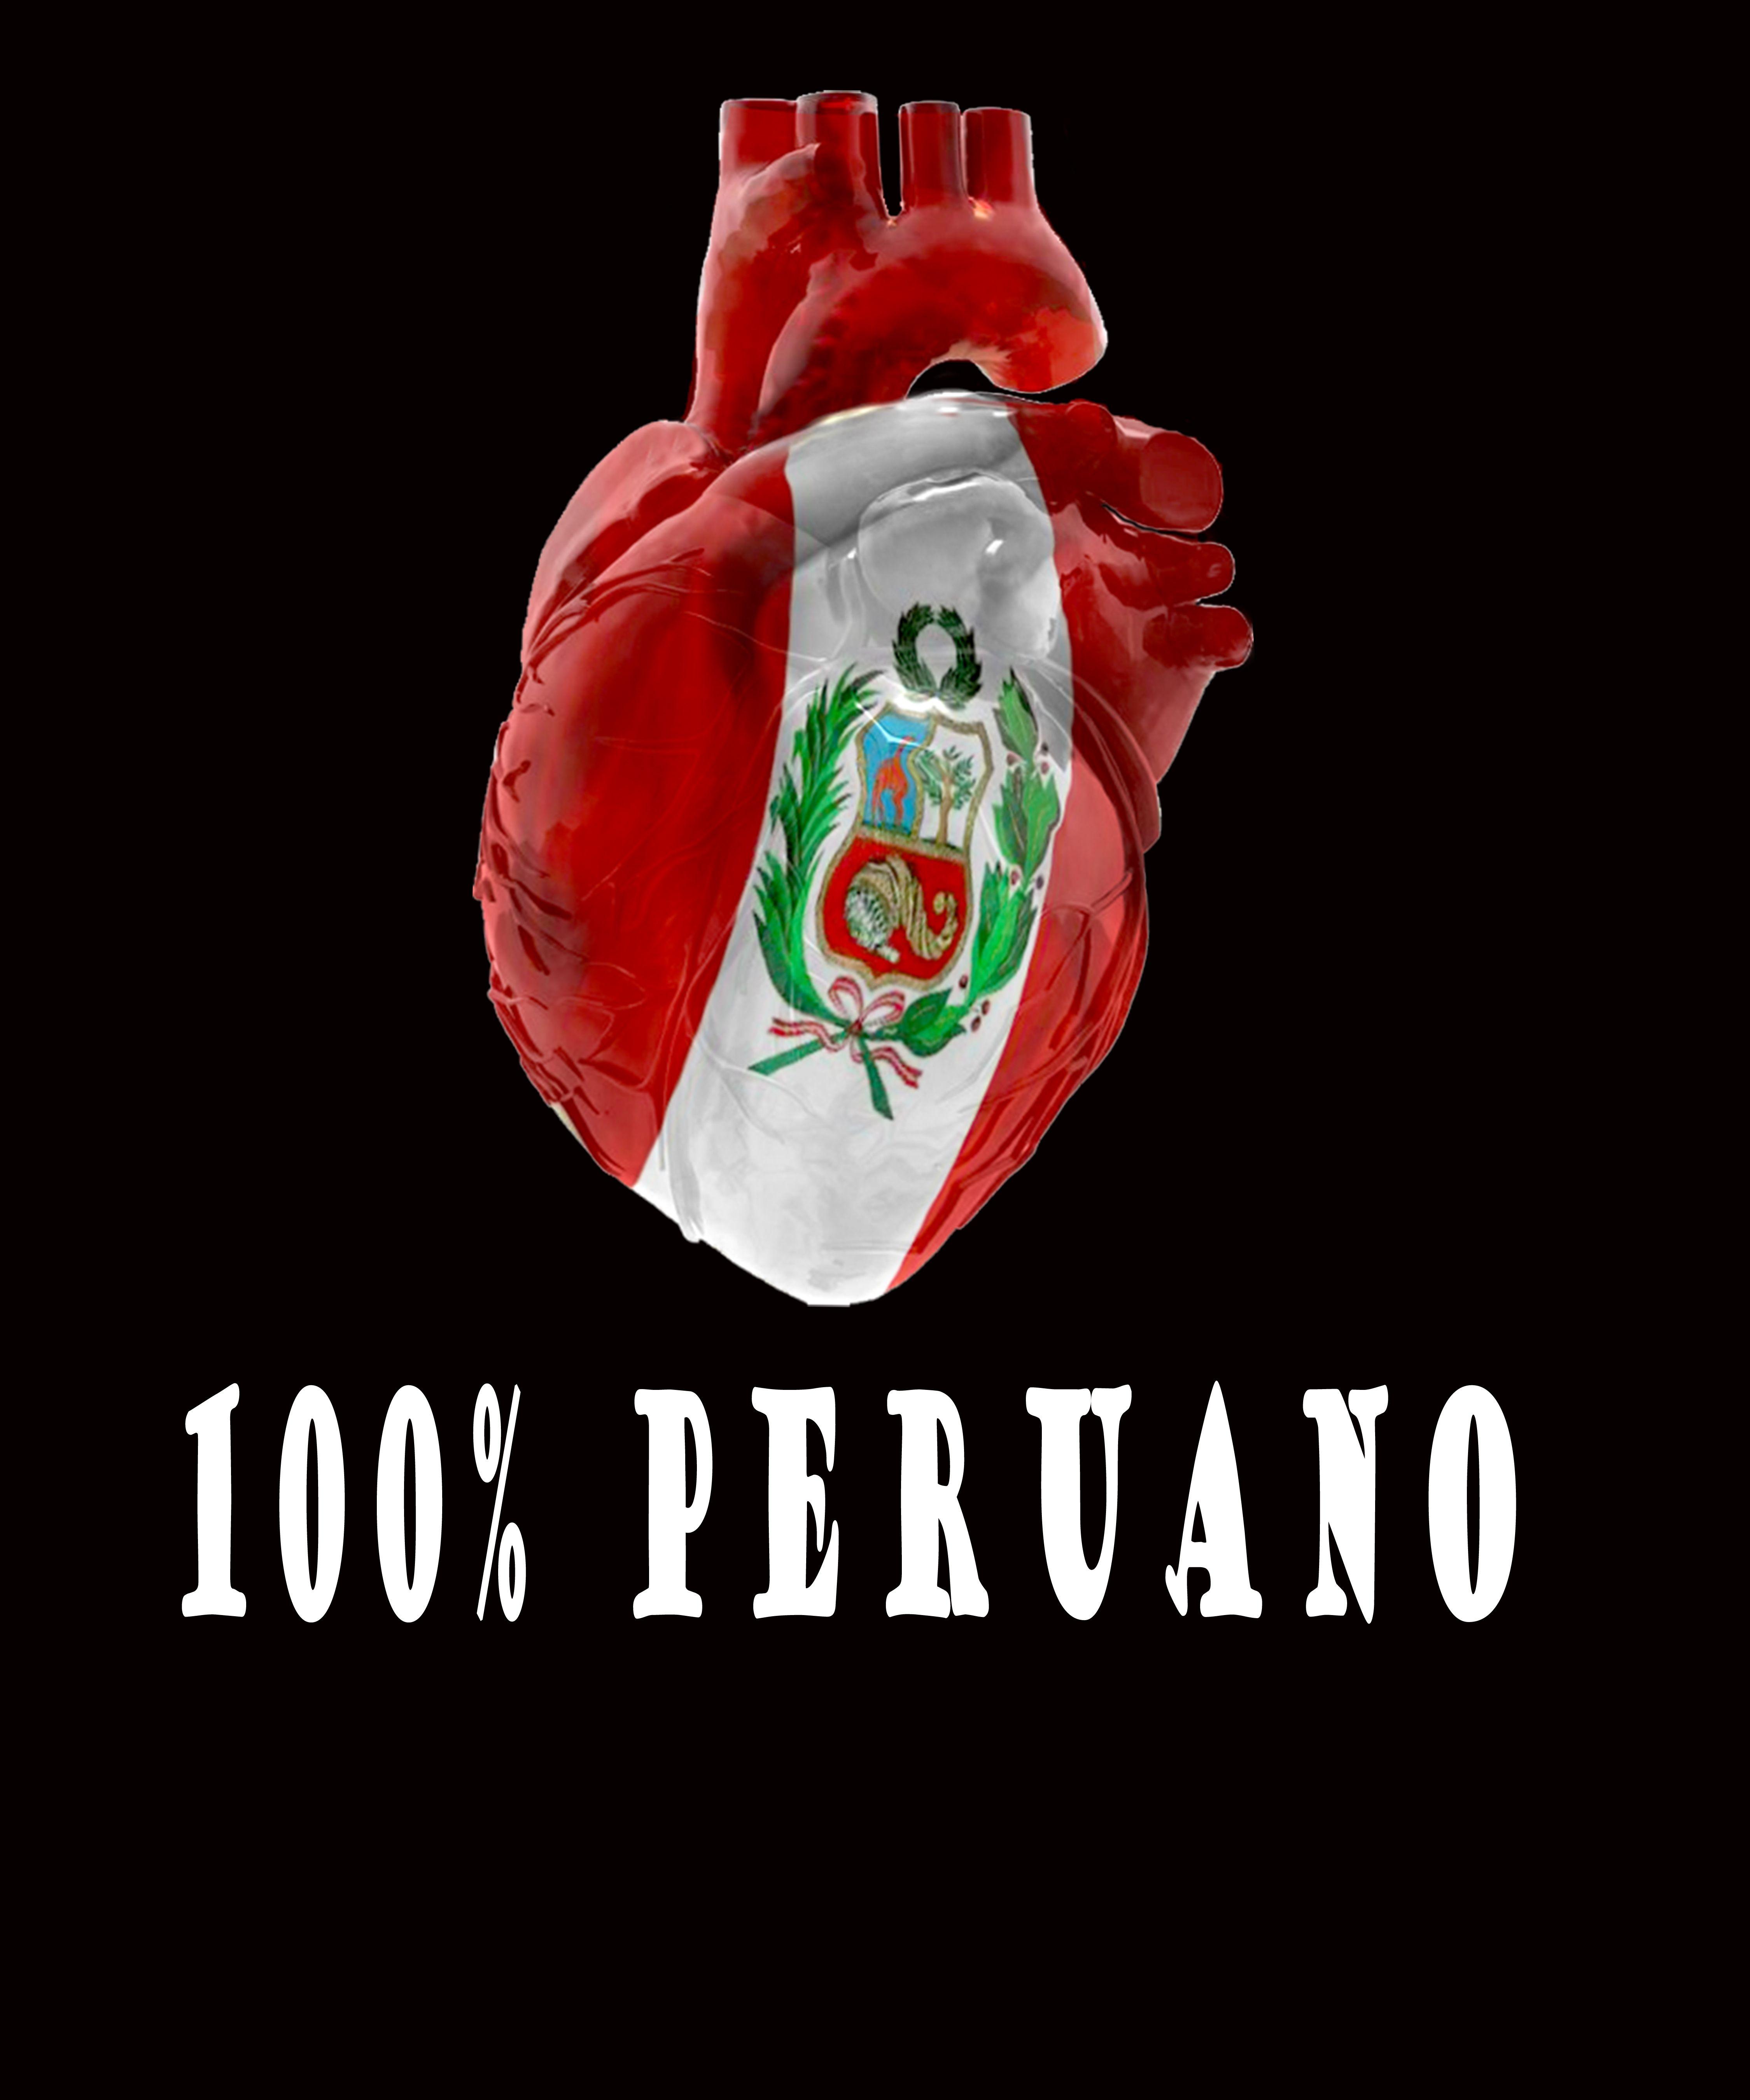 ORGULLOSO DEL PERU Imagenes de star, Bandera del peru